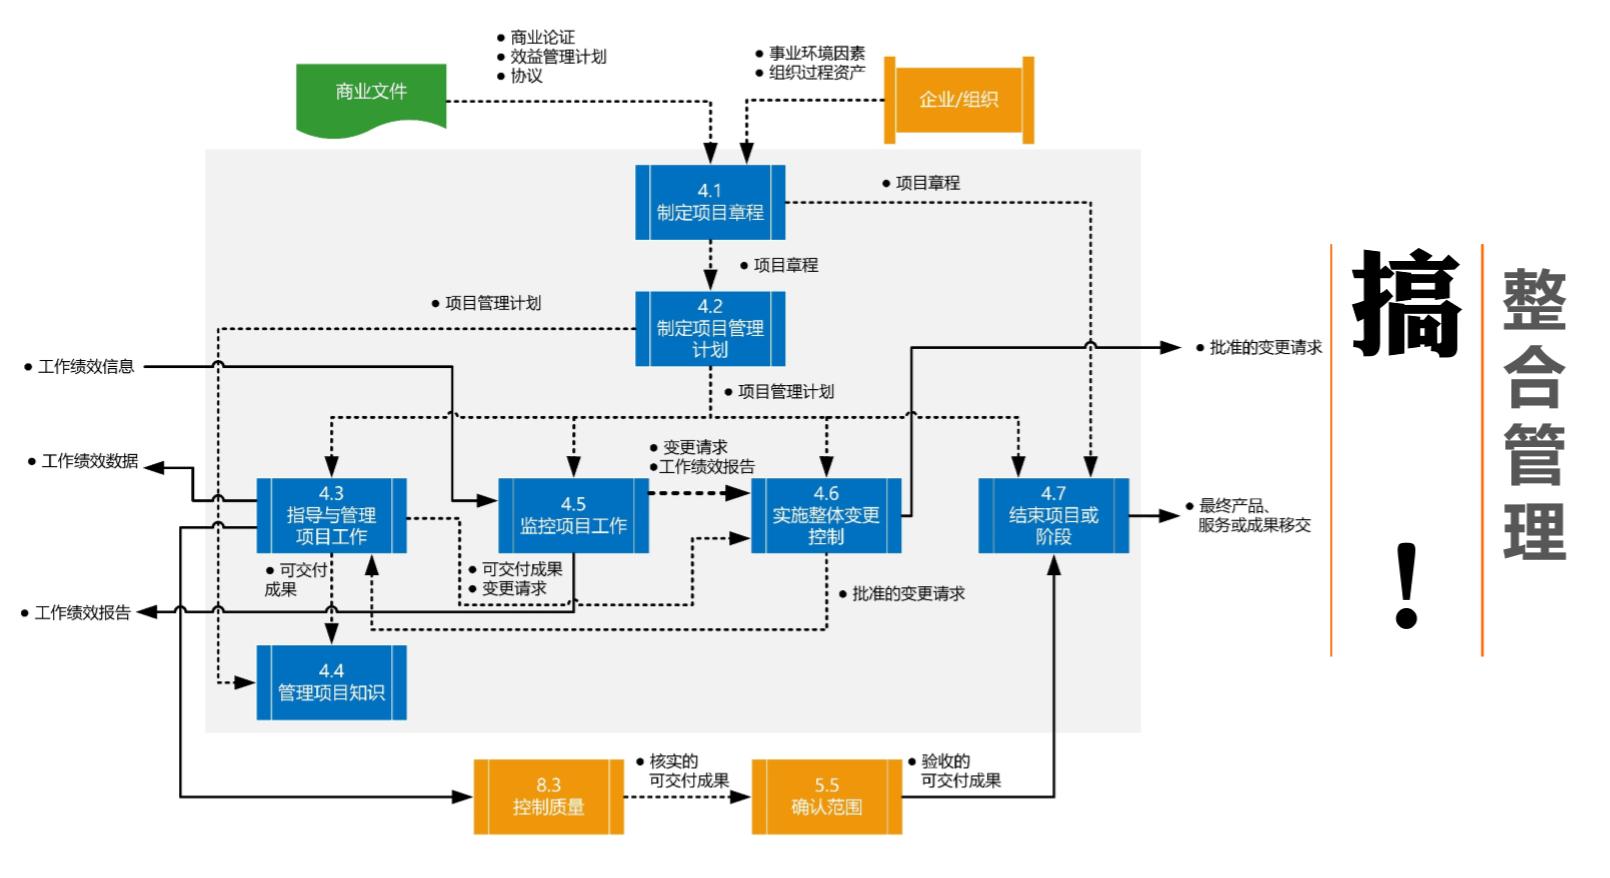 微会动:pmp项目管理五大管理过程组 10大知识领域 49图片